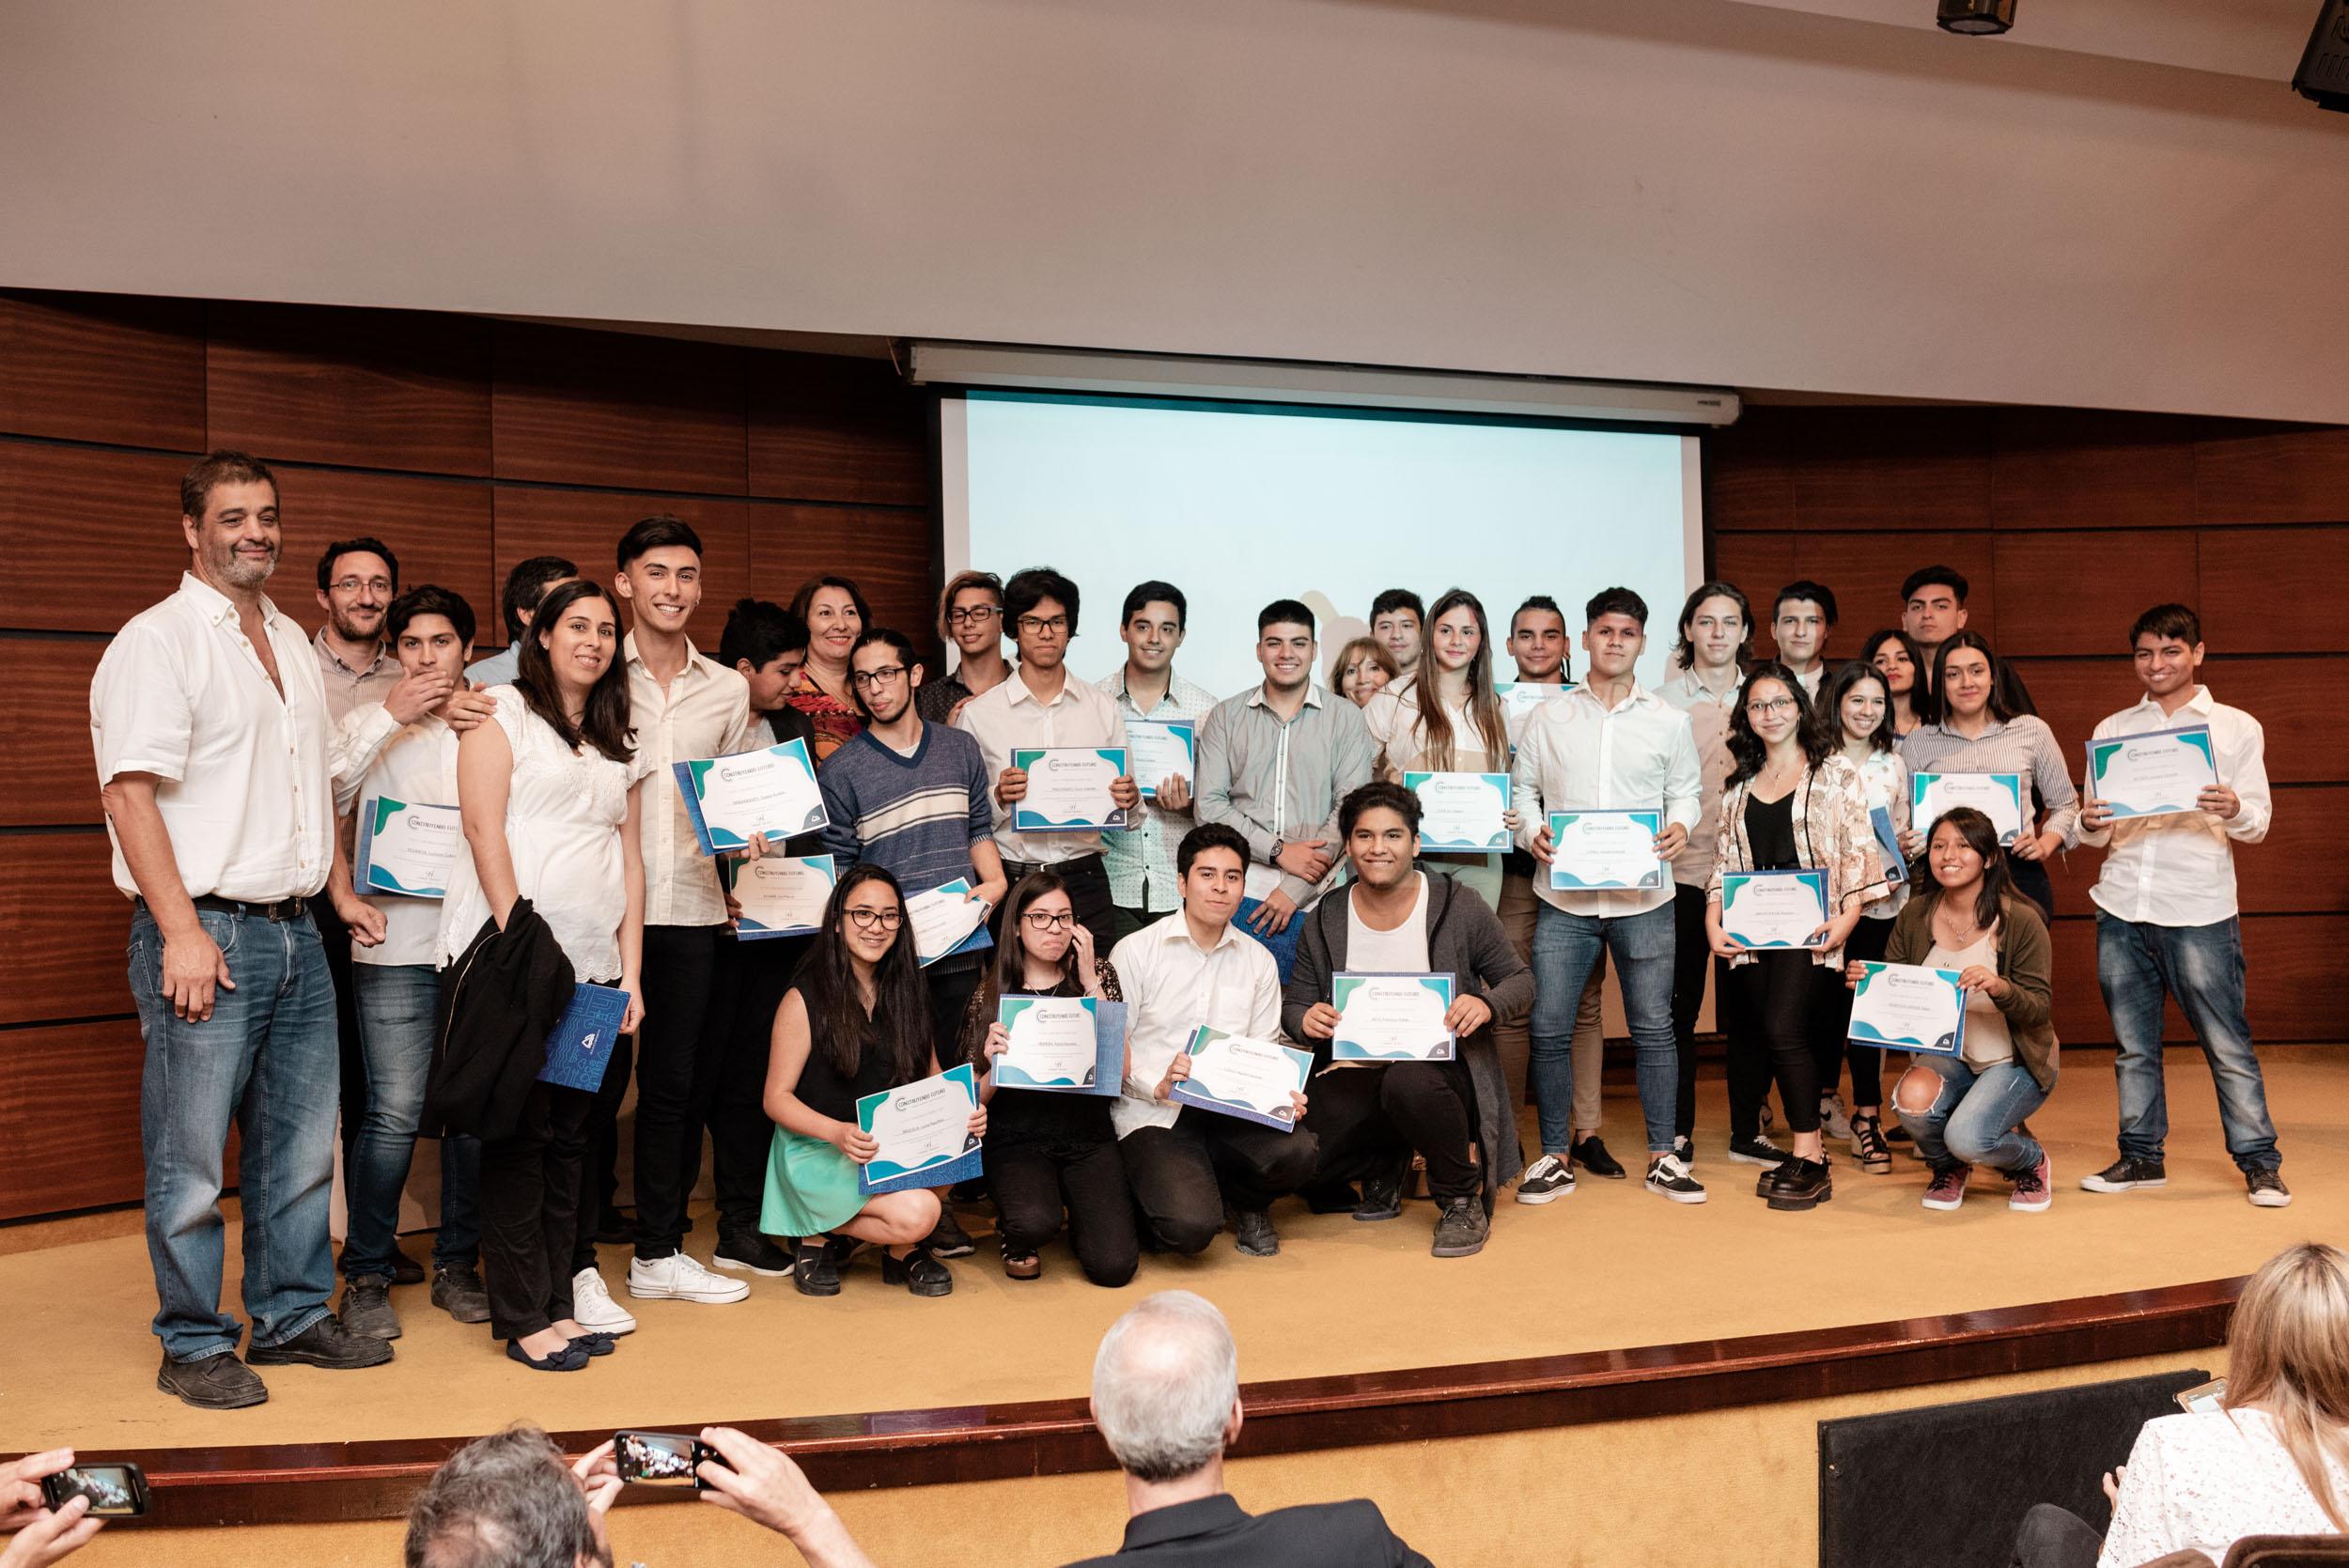 Cerramos el año, 80 jóvenes inspirados por la práctica profesional